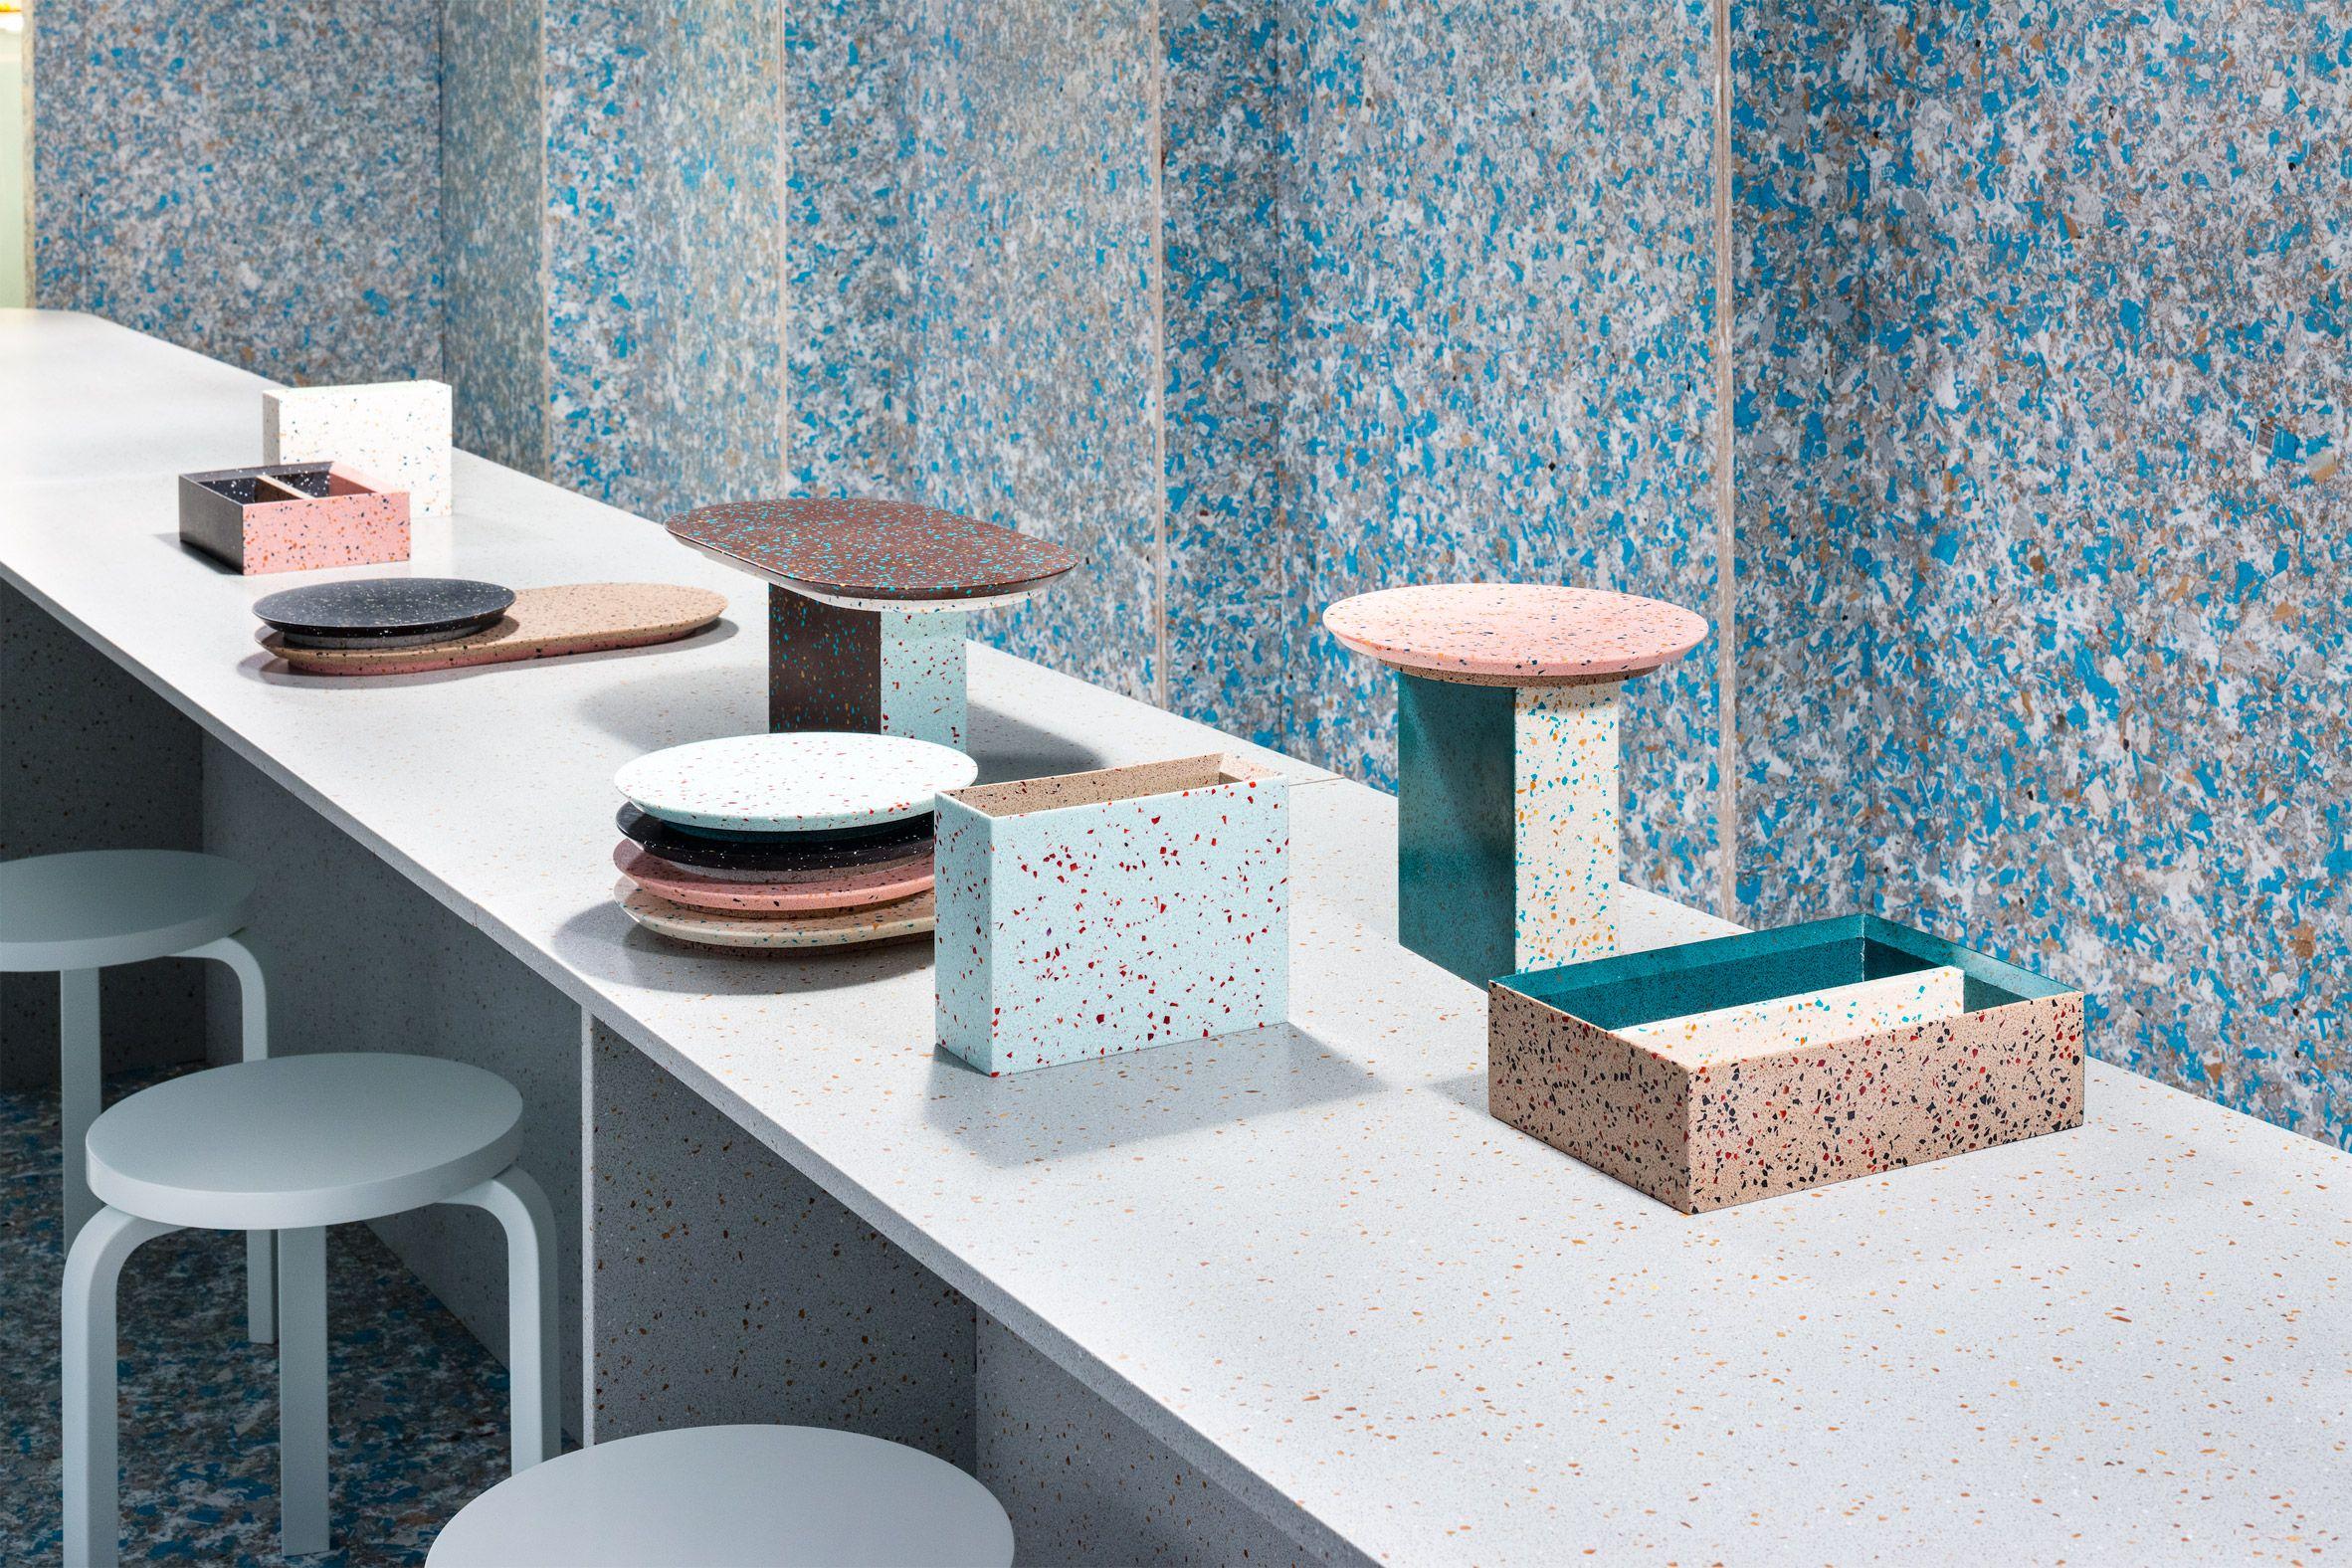 zero waste bistro durat kitchendesign dreamkitchen kitchen with images outdoor patio on zero waste kitchen interior id=90697